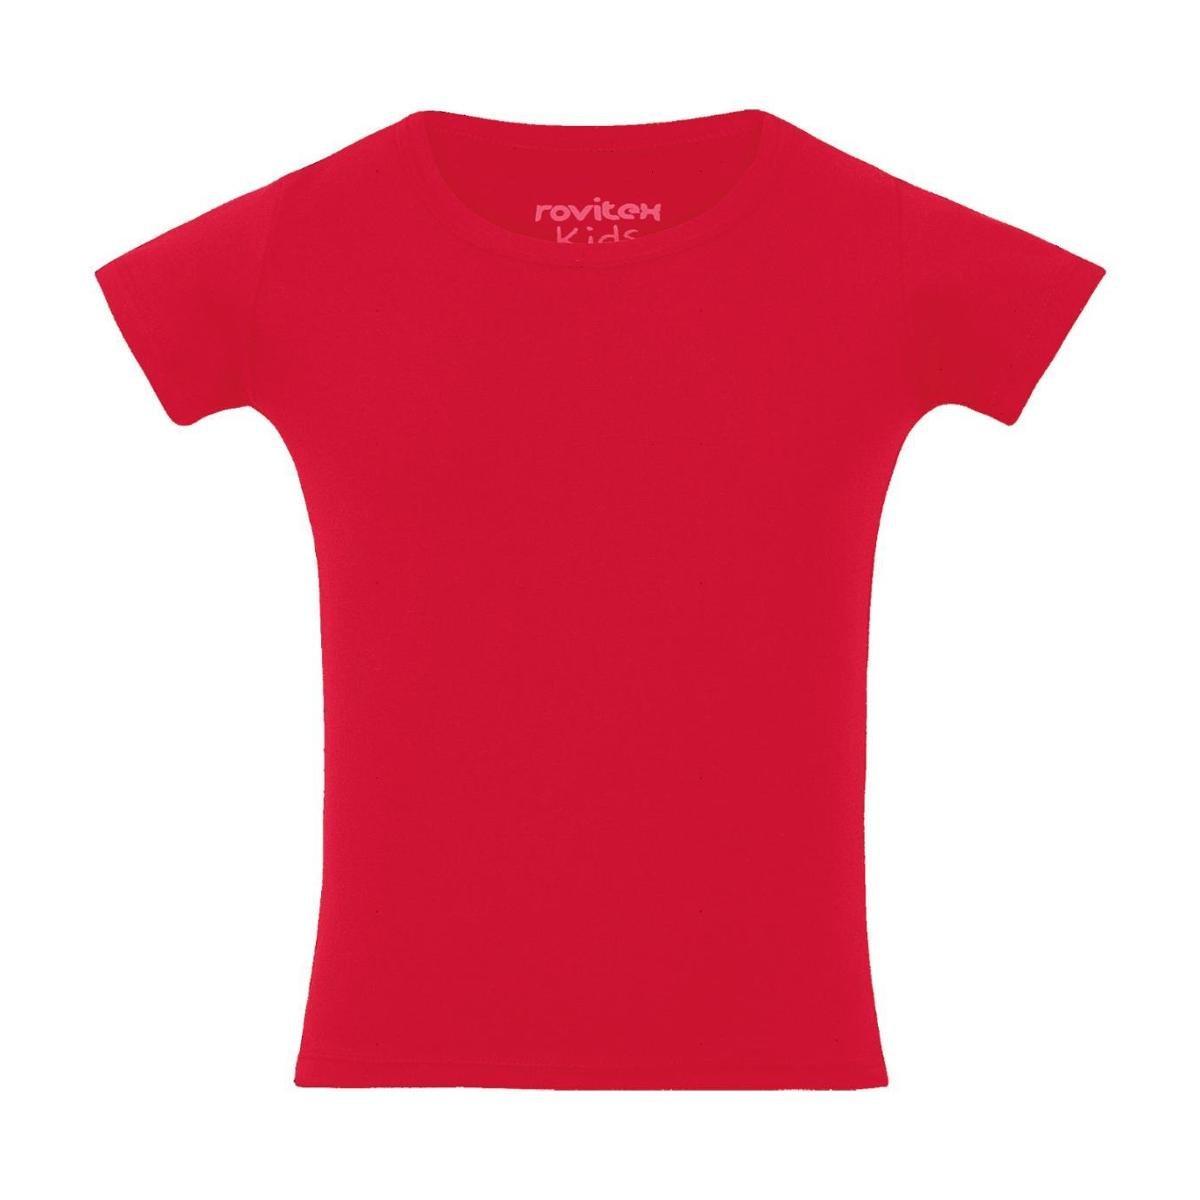 48e306ccf Blusa Infantil Cotton Premium Rovitex Kids Feminina - Vermelho - Compre  Agora